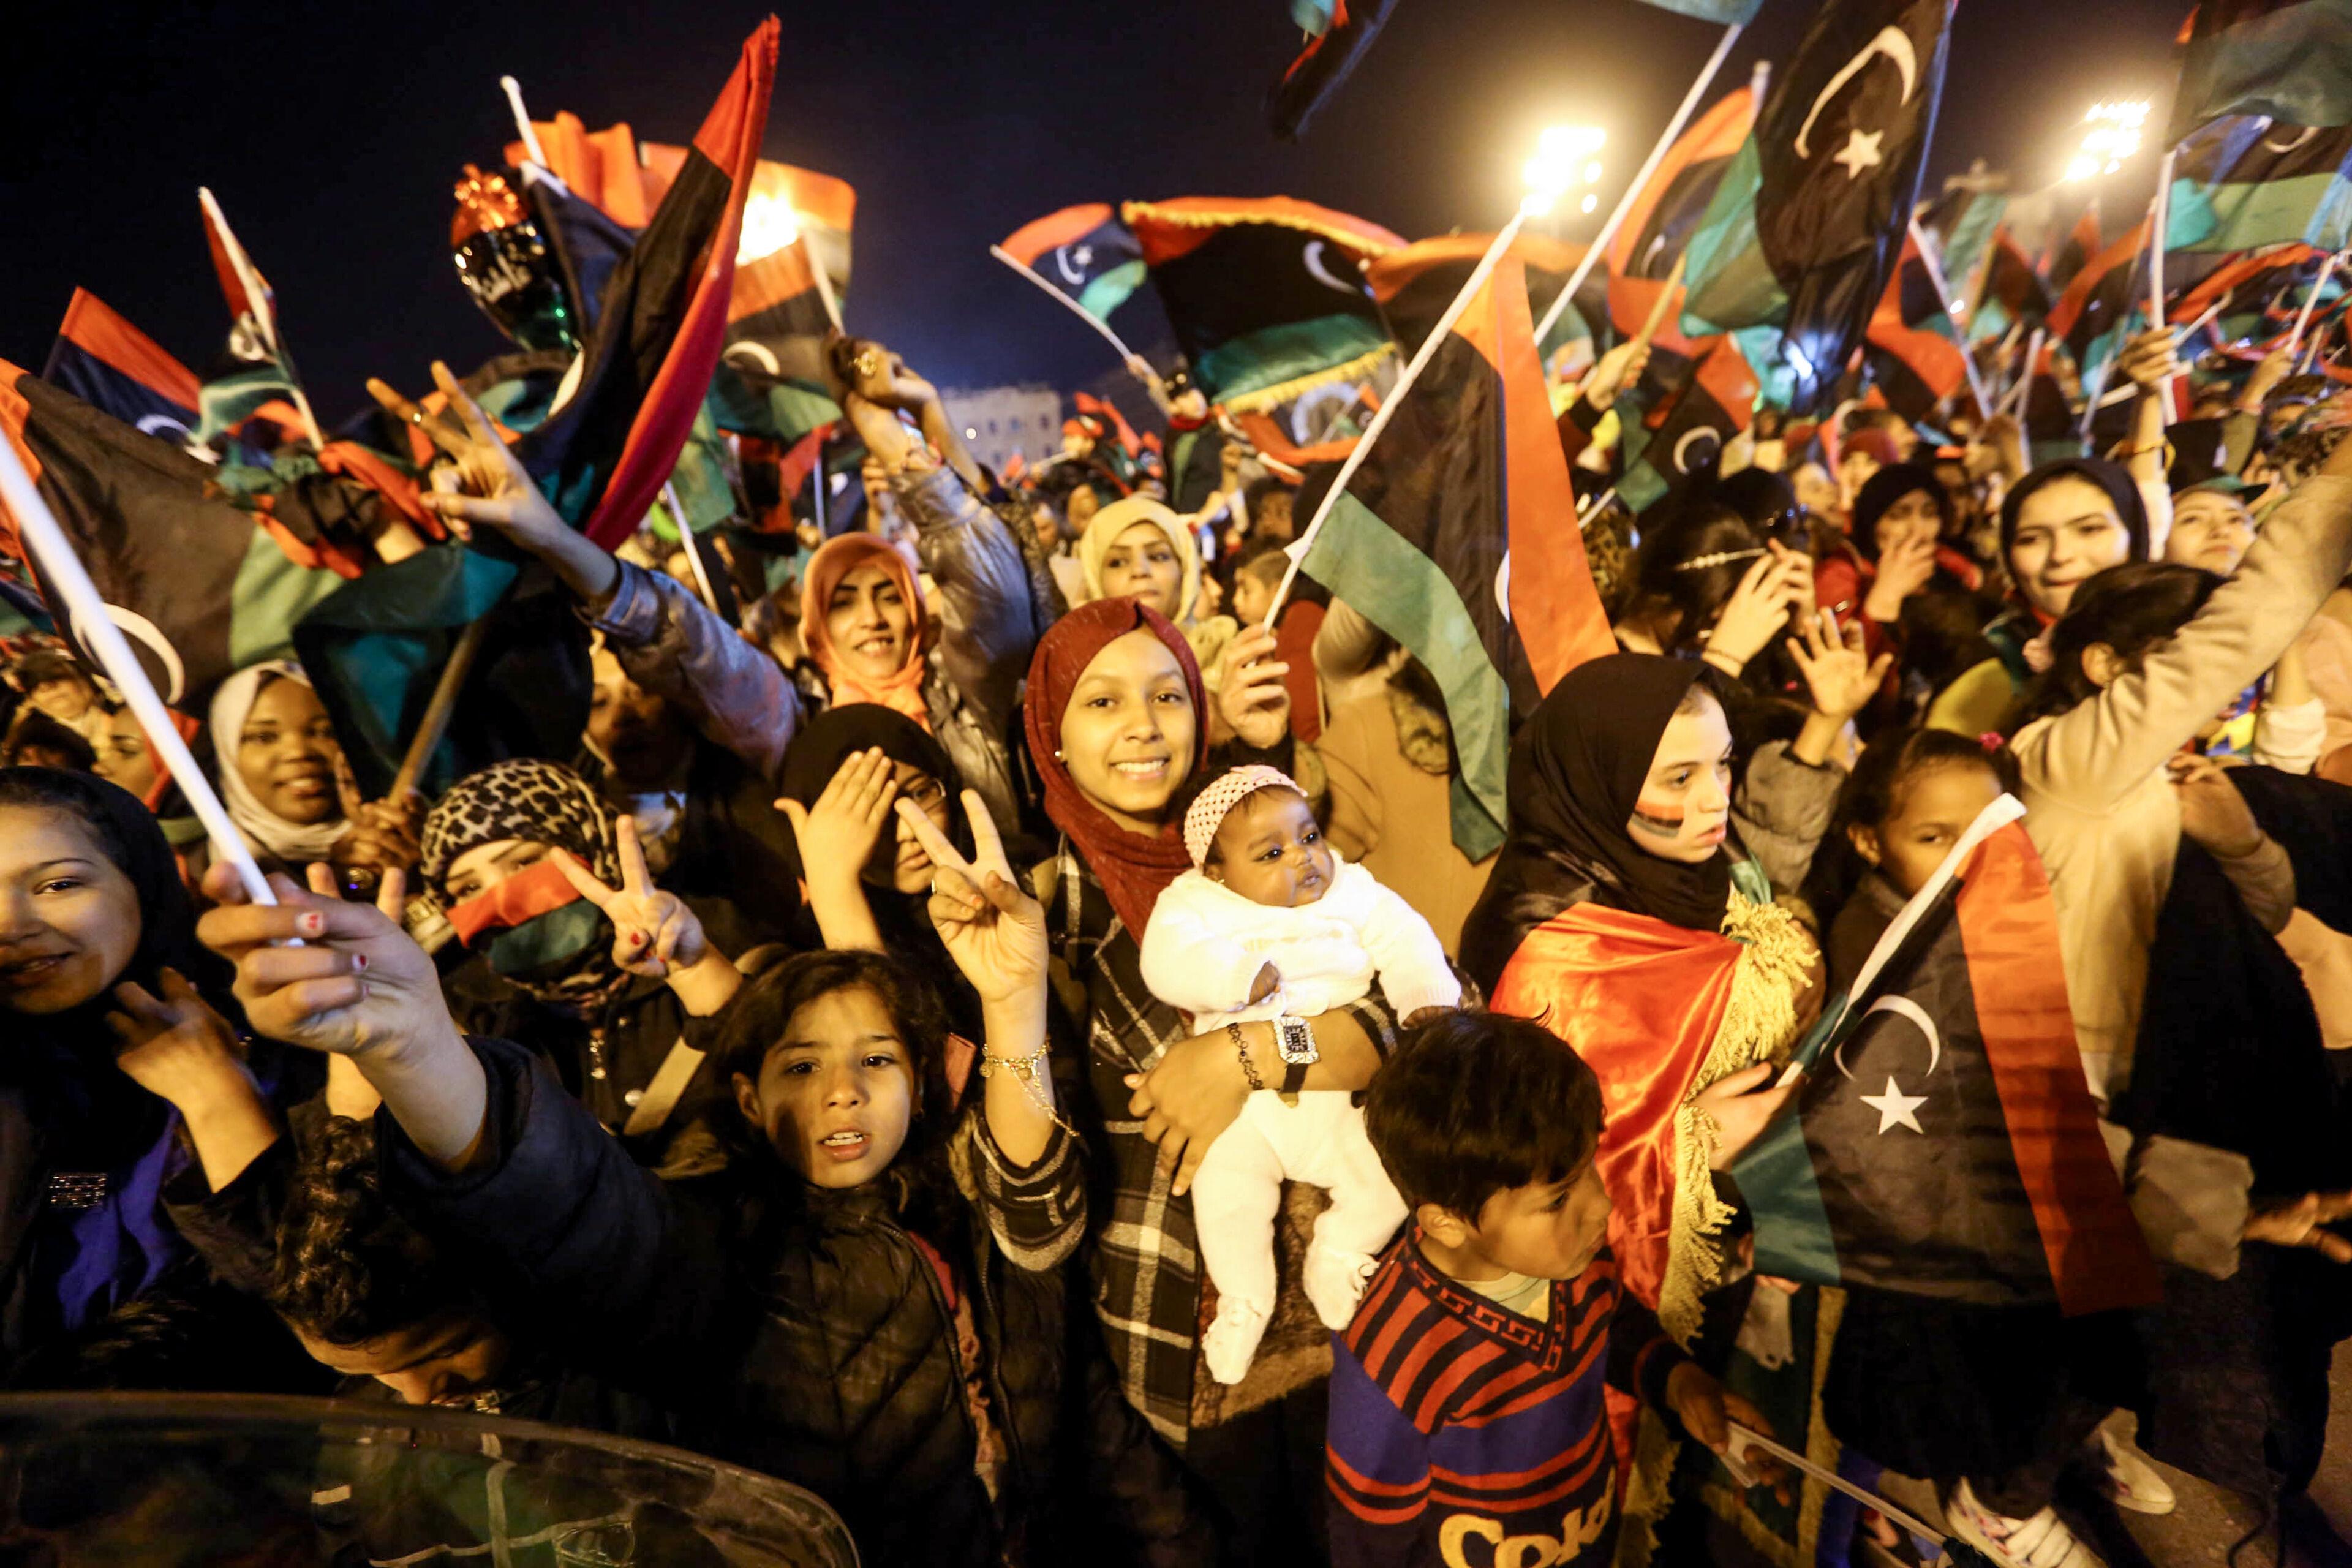 Duizenden Libiërs vieren verjaardag van revolutie, ondanks huidige crisis